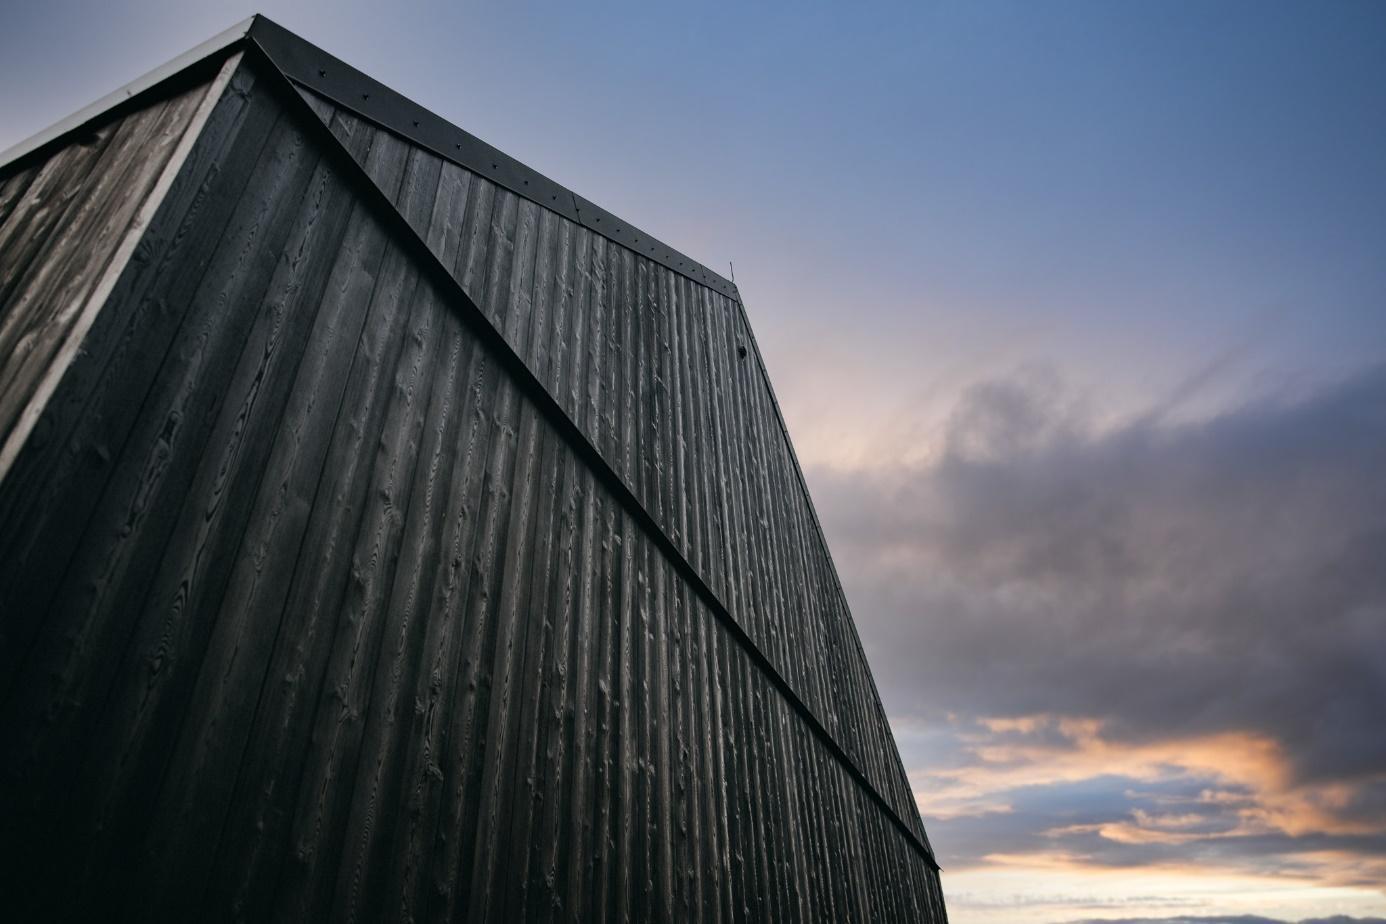 Obraz zawierający niebo, zewnętrzne, budynek  Opis wygenerowany automatycznie